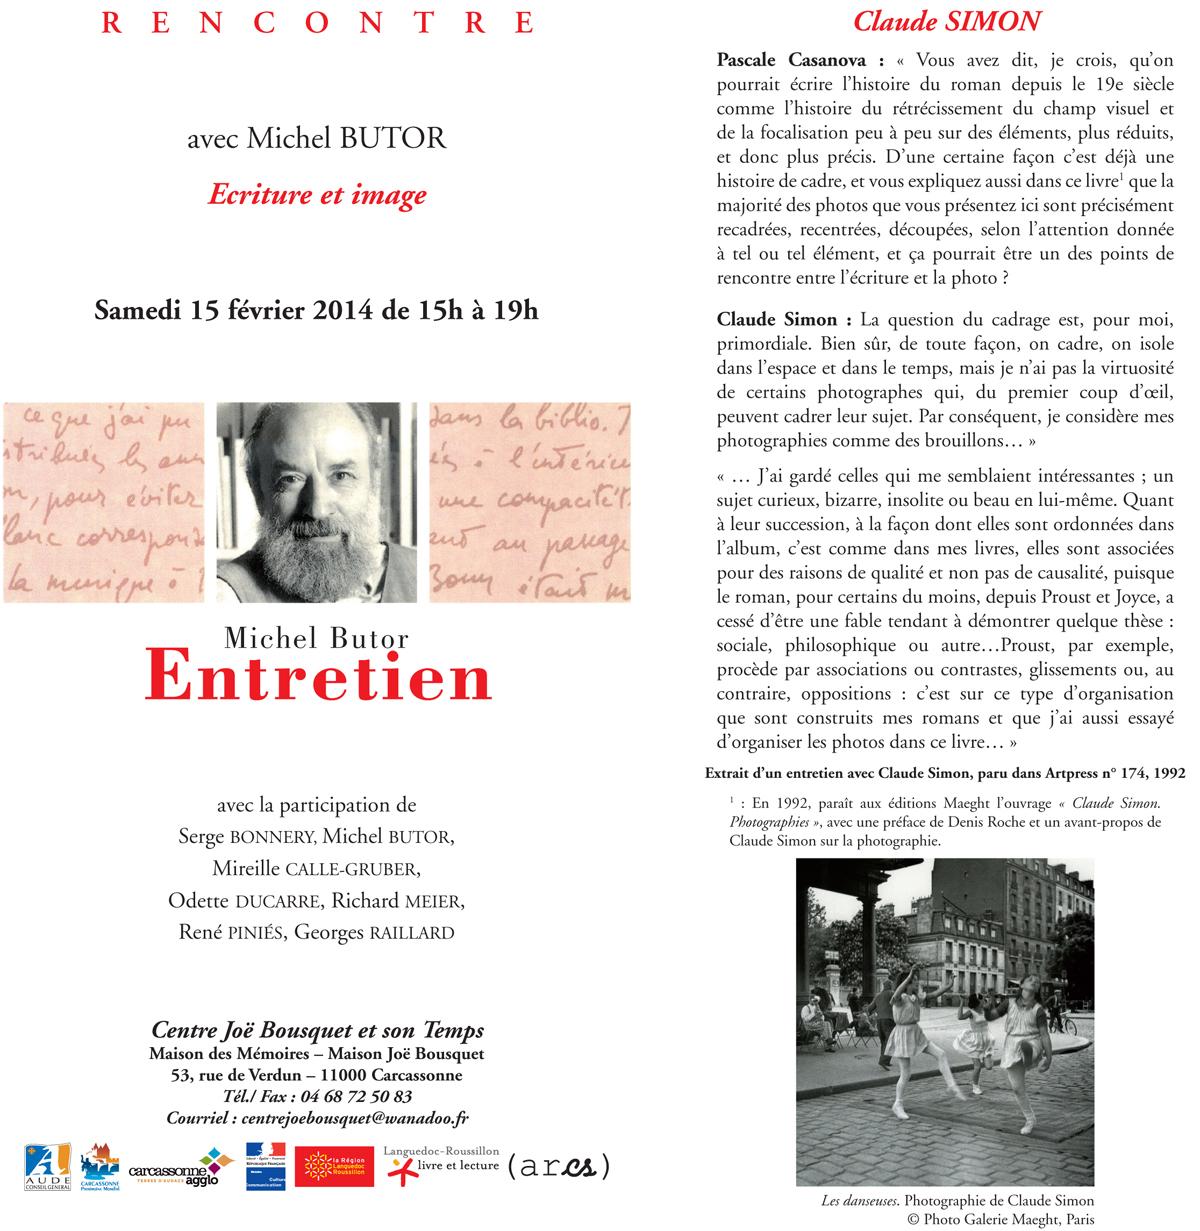 Rencontre avec Michel Butor - page 1